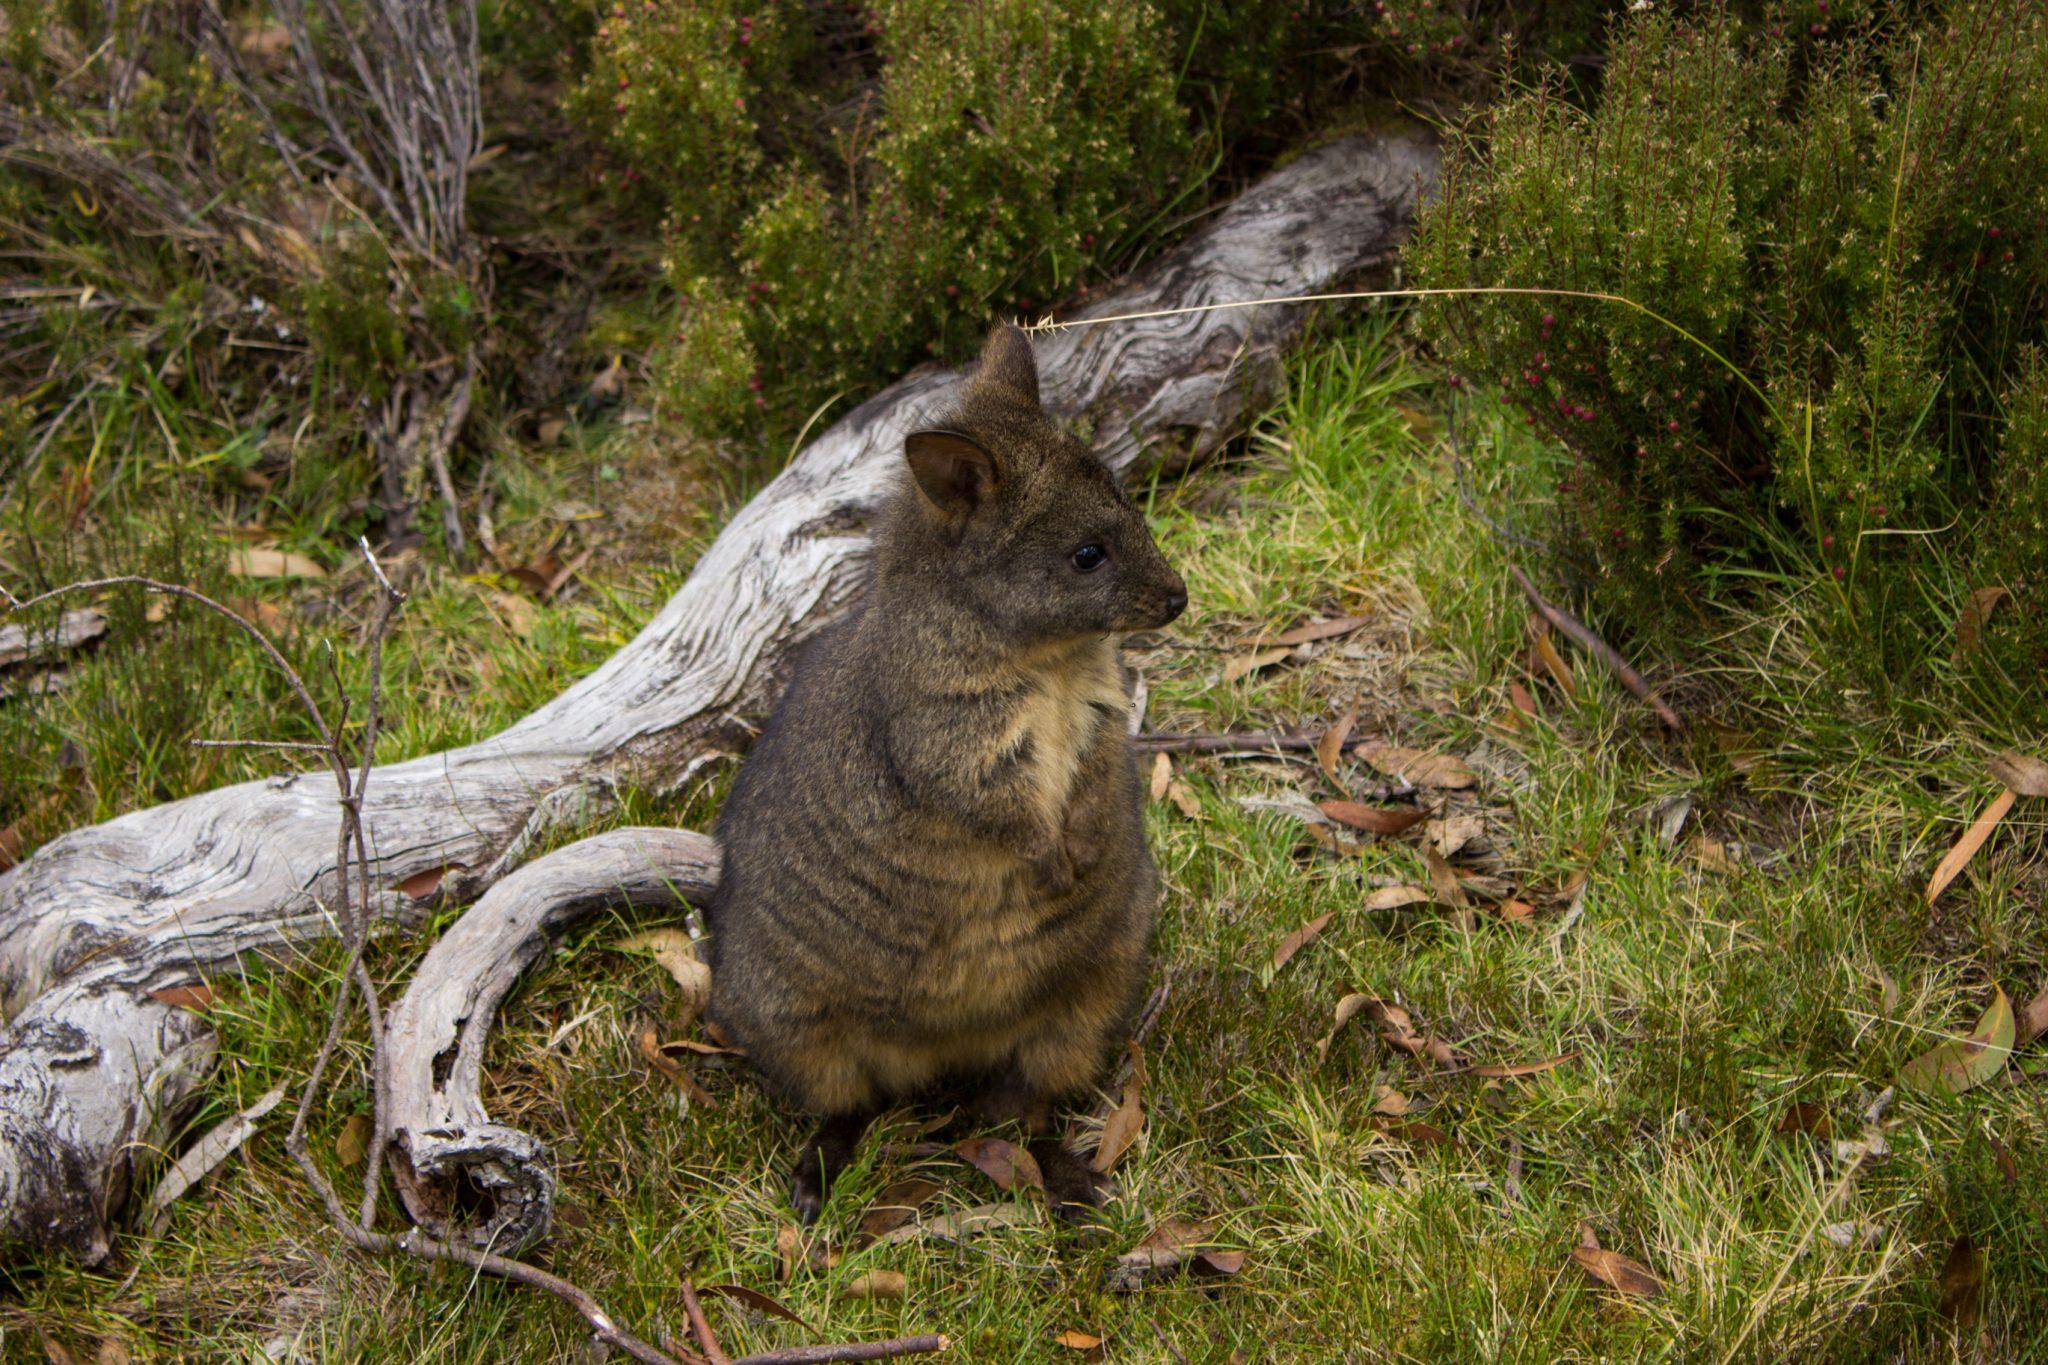 kleines Wallaby Känguruh auf Wiese dicht dran, Wanderung Overland Track im Cradle Mountain Lake St. Clair National Park